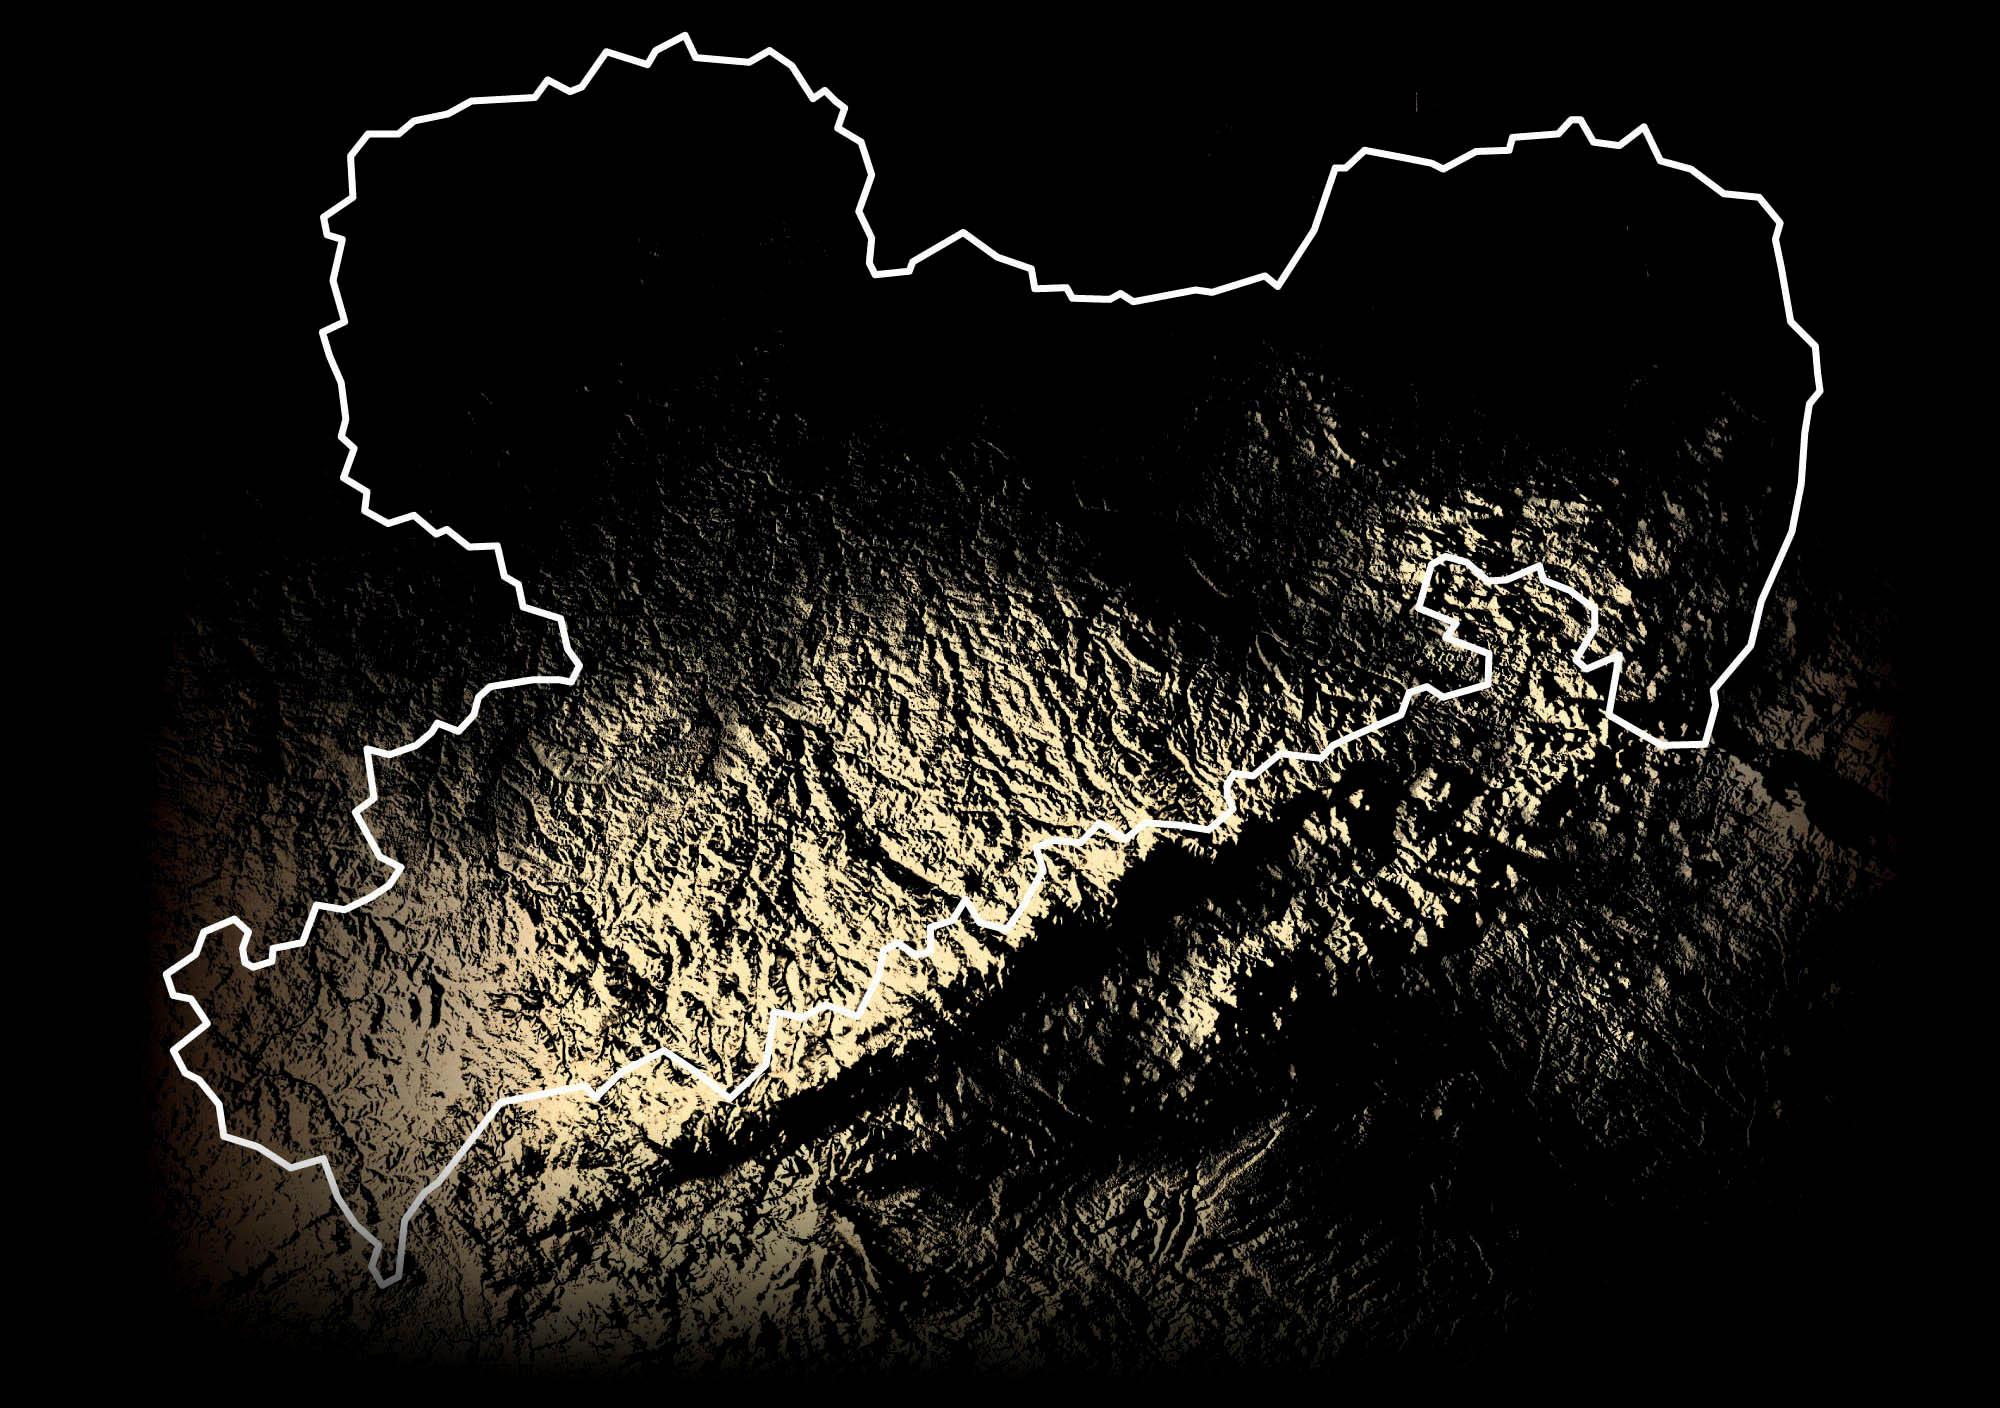 Bergbau Erzgebirge Karte.Der Schatz Unterm Erzgebirge